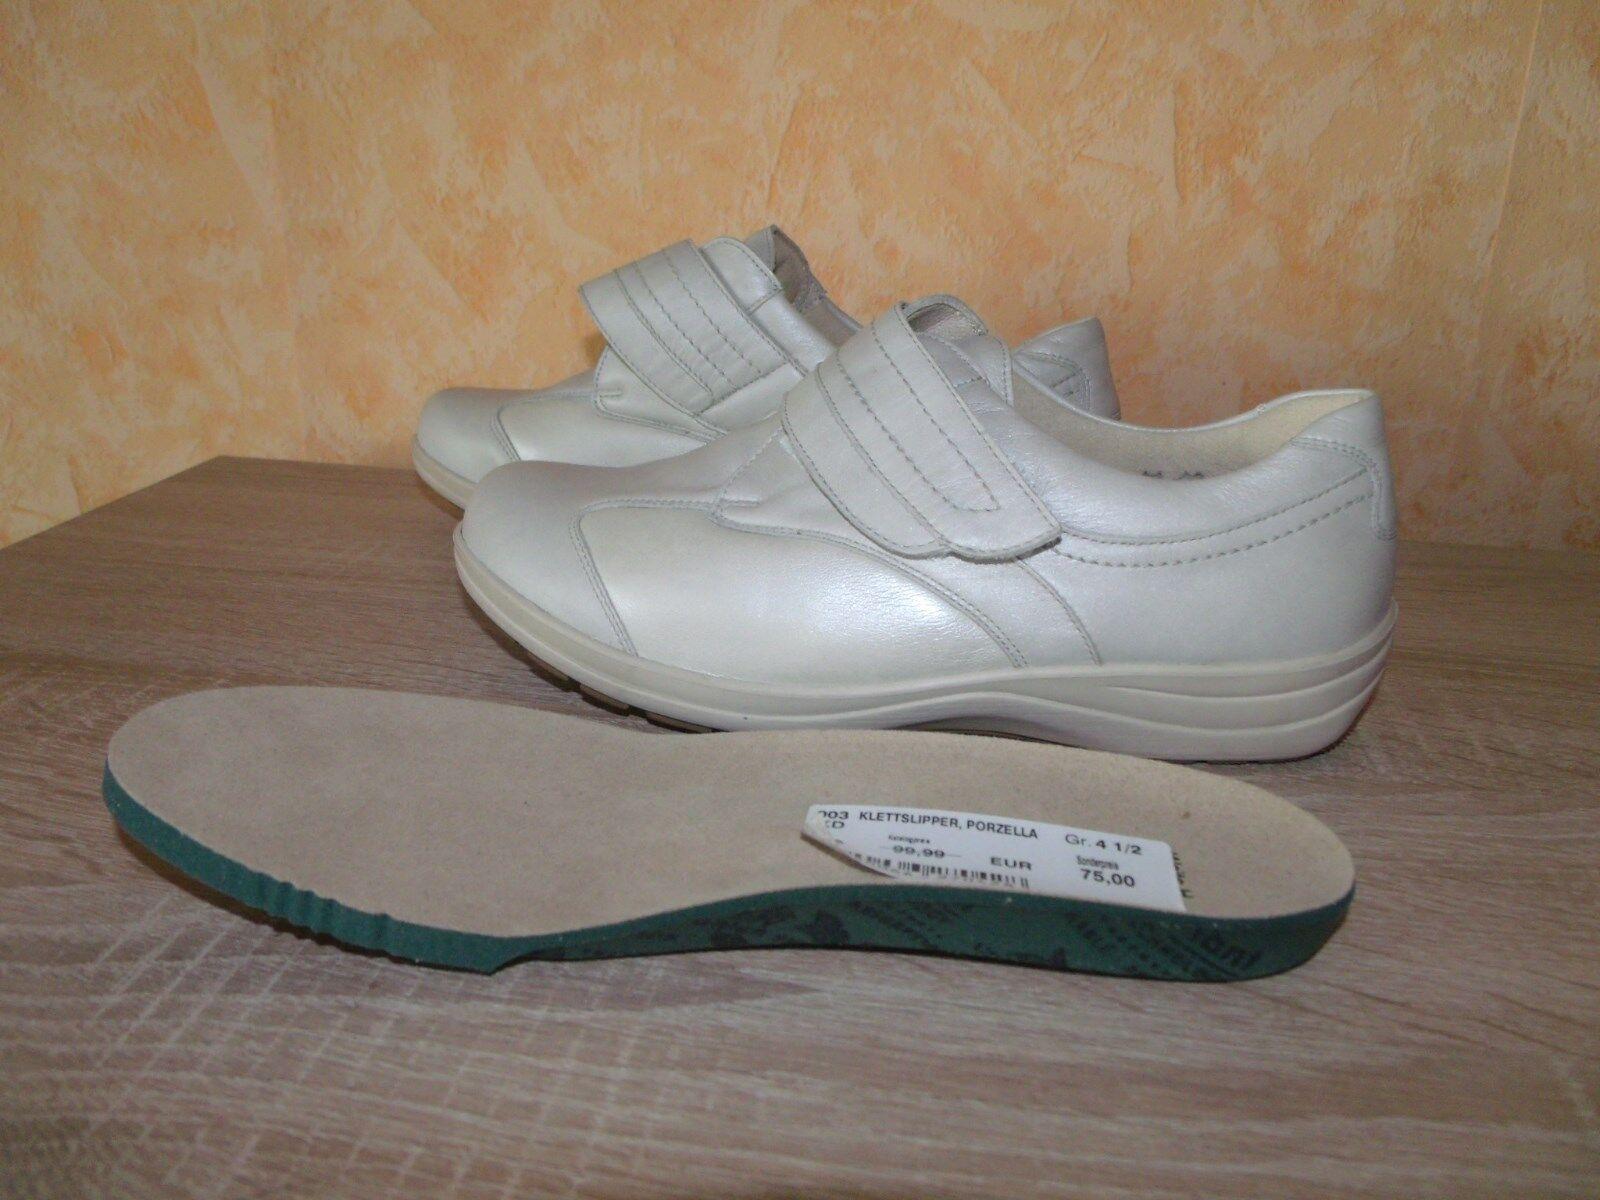 Foresta alfiere Velcro Slipper Per Alluce NUOVO taglia 4,5 37,5 H IN PORCELLANA & Nappa Pelle